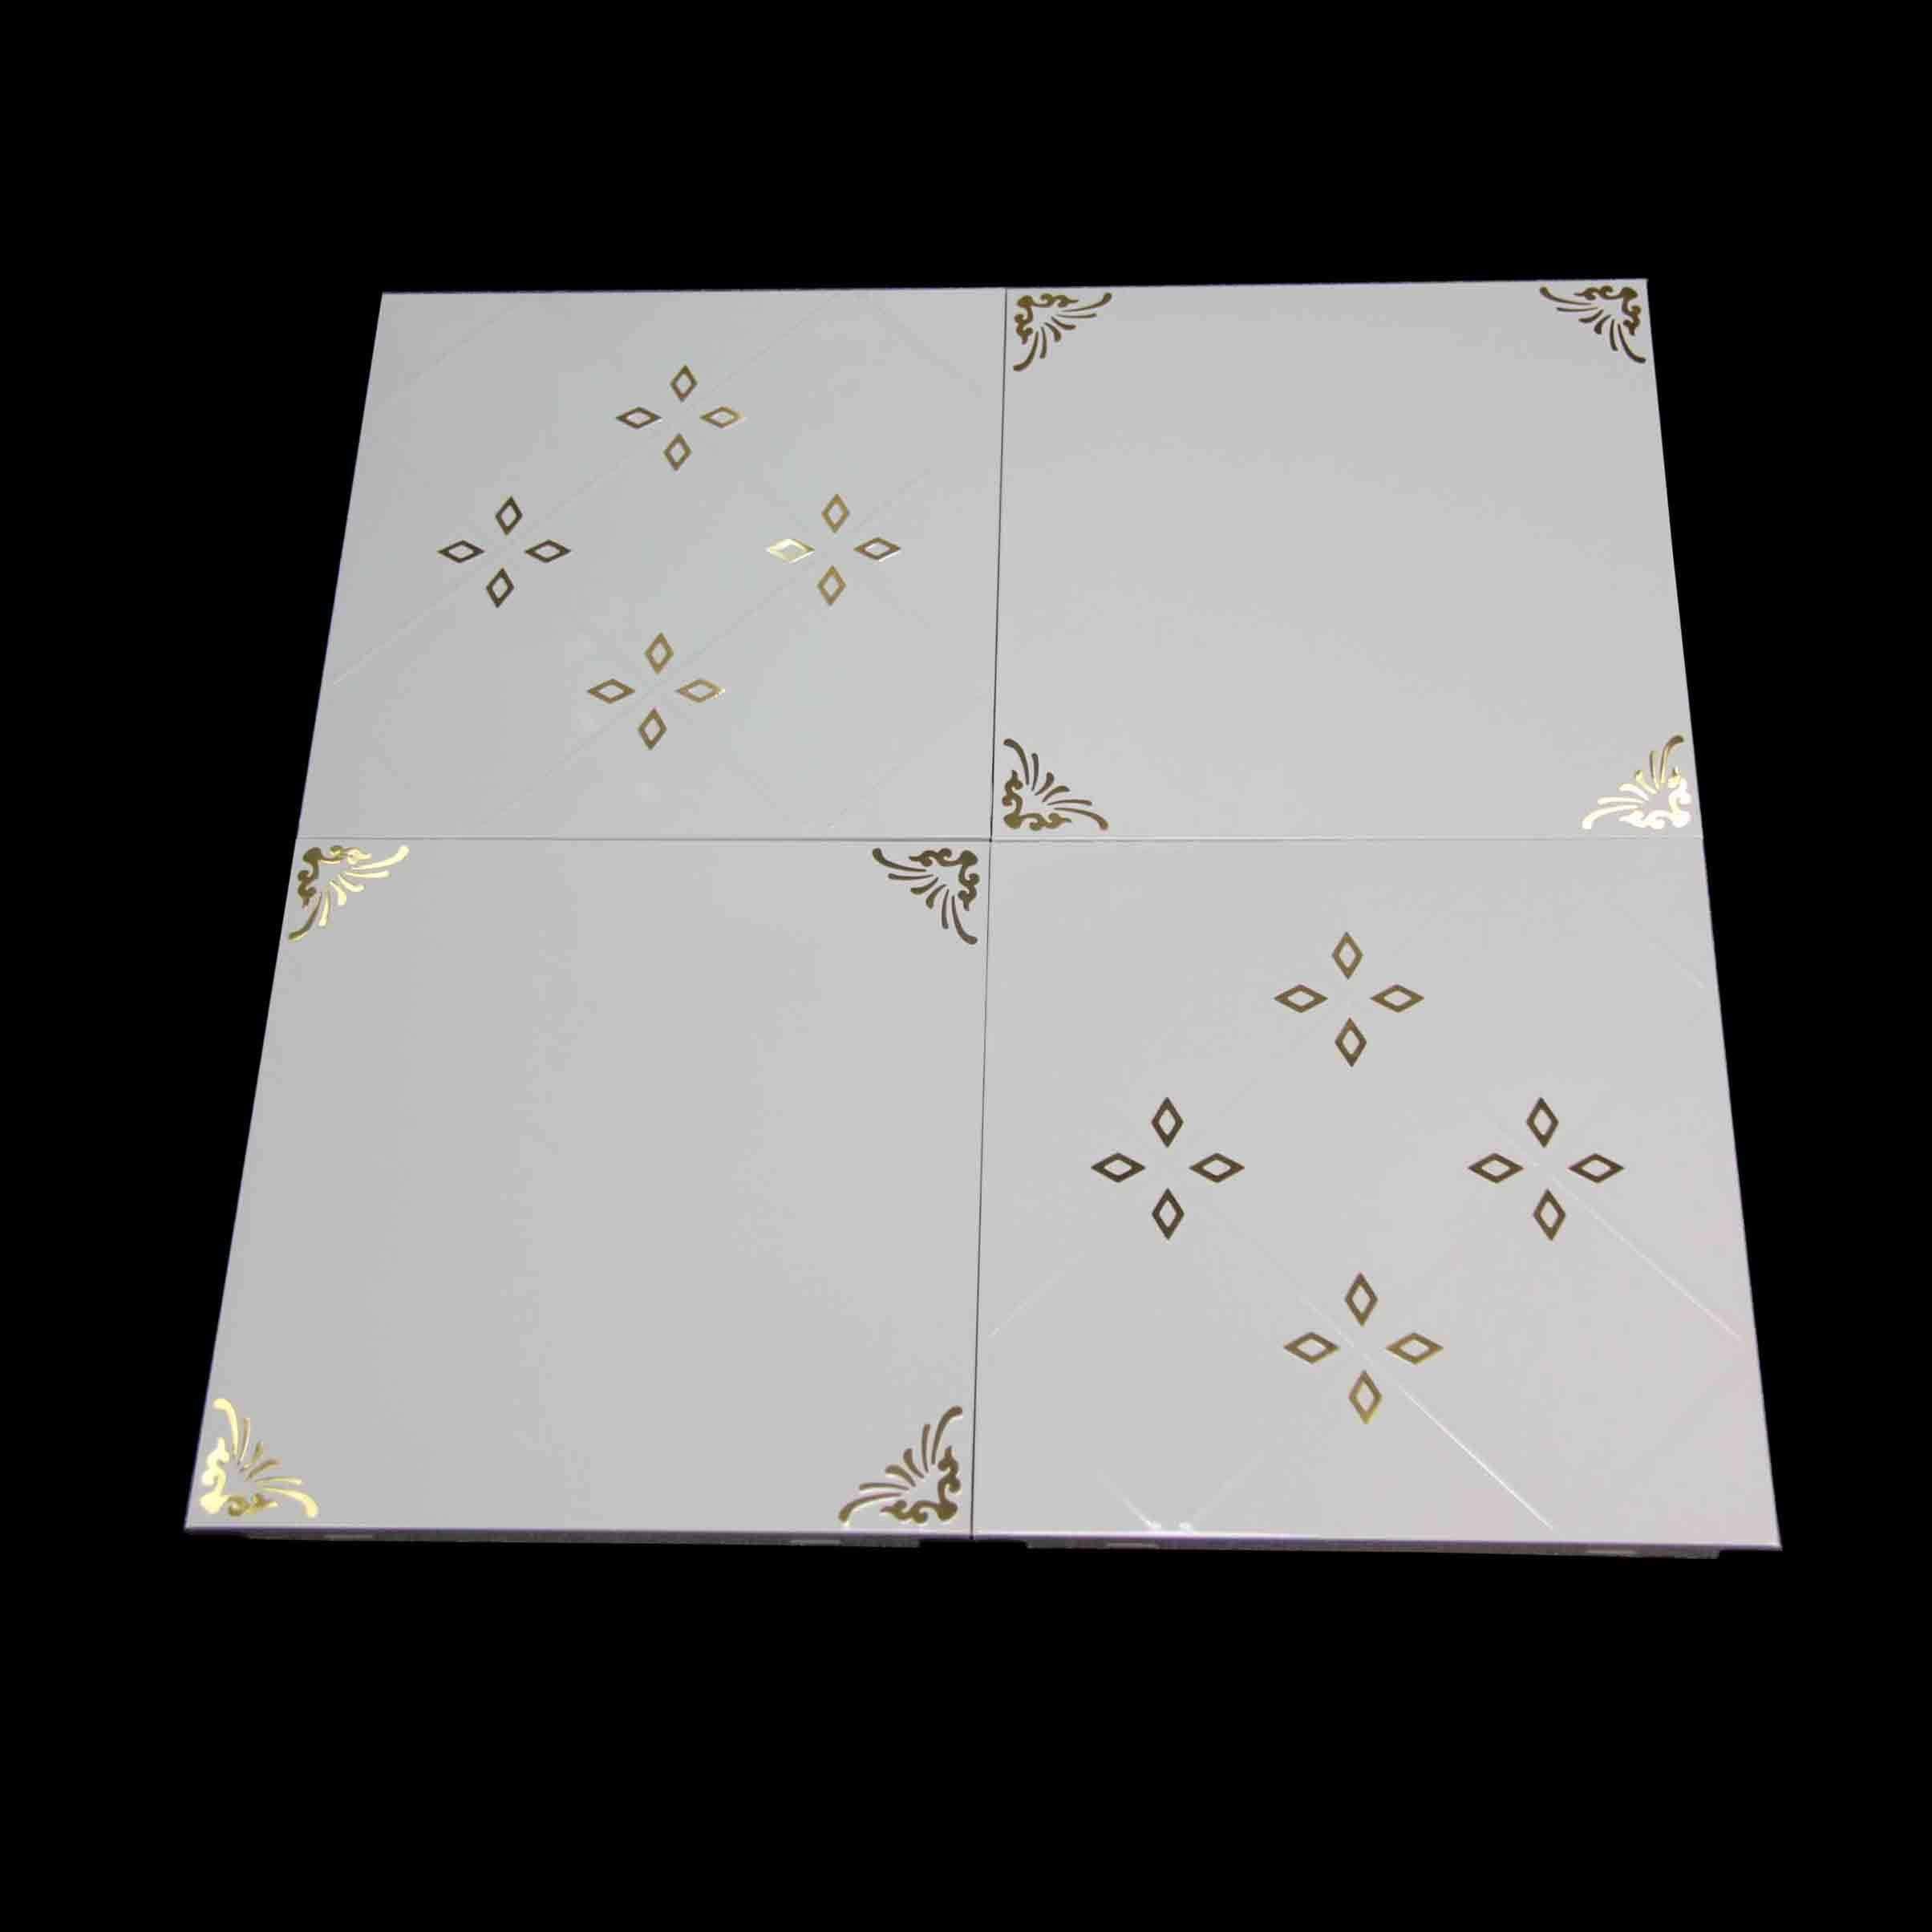 铝天花吊顶-想买优良的就选择河南库丽装饰材料-铝天花吊顶